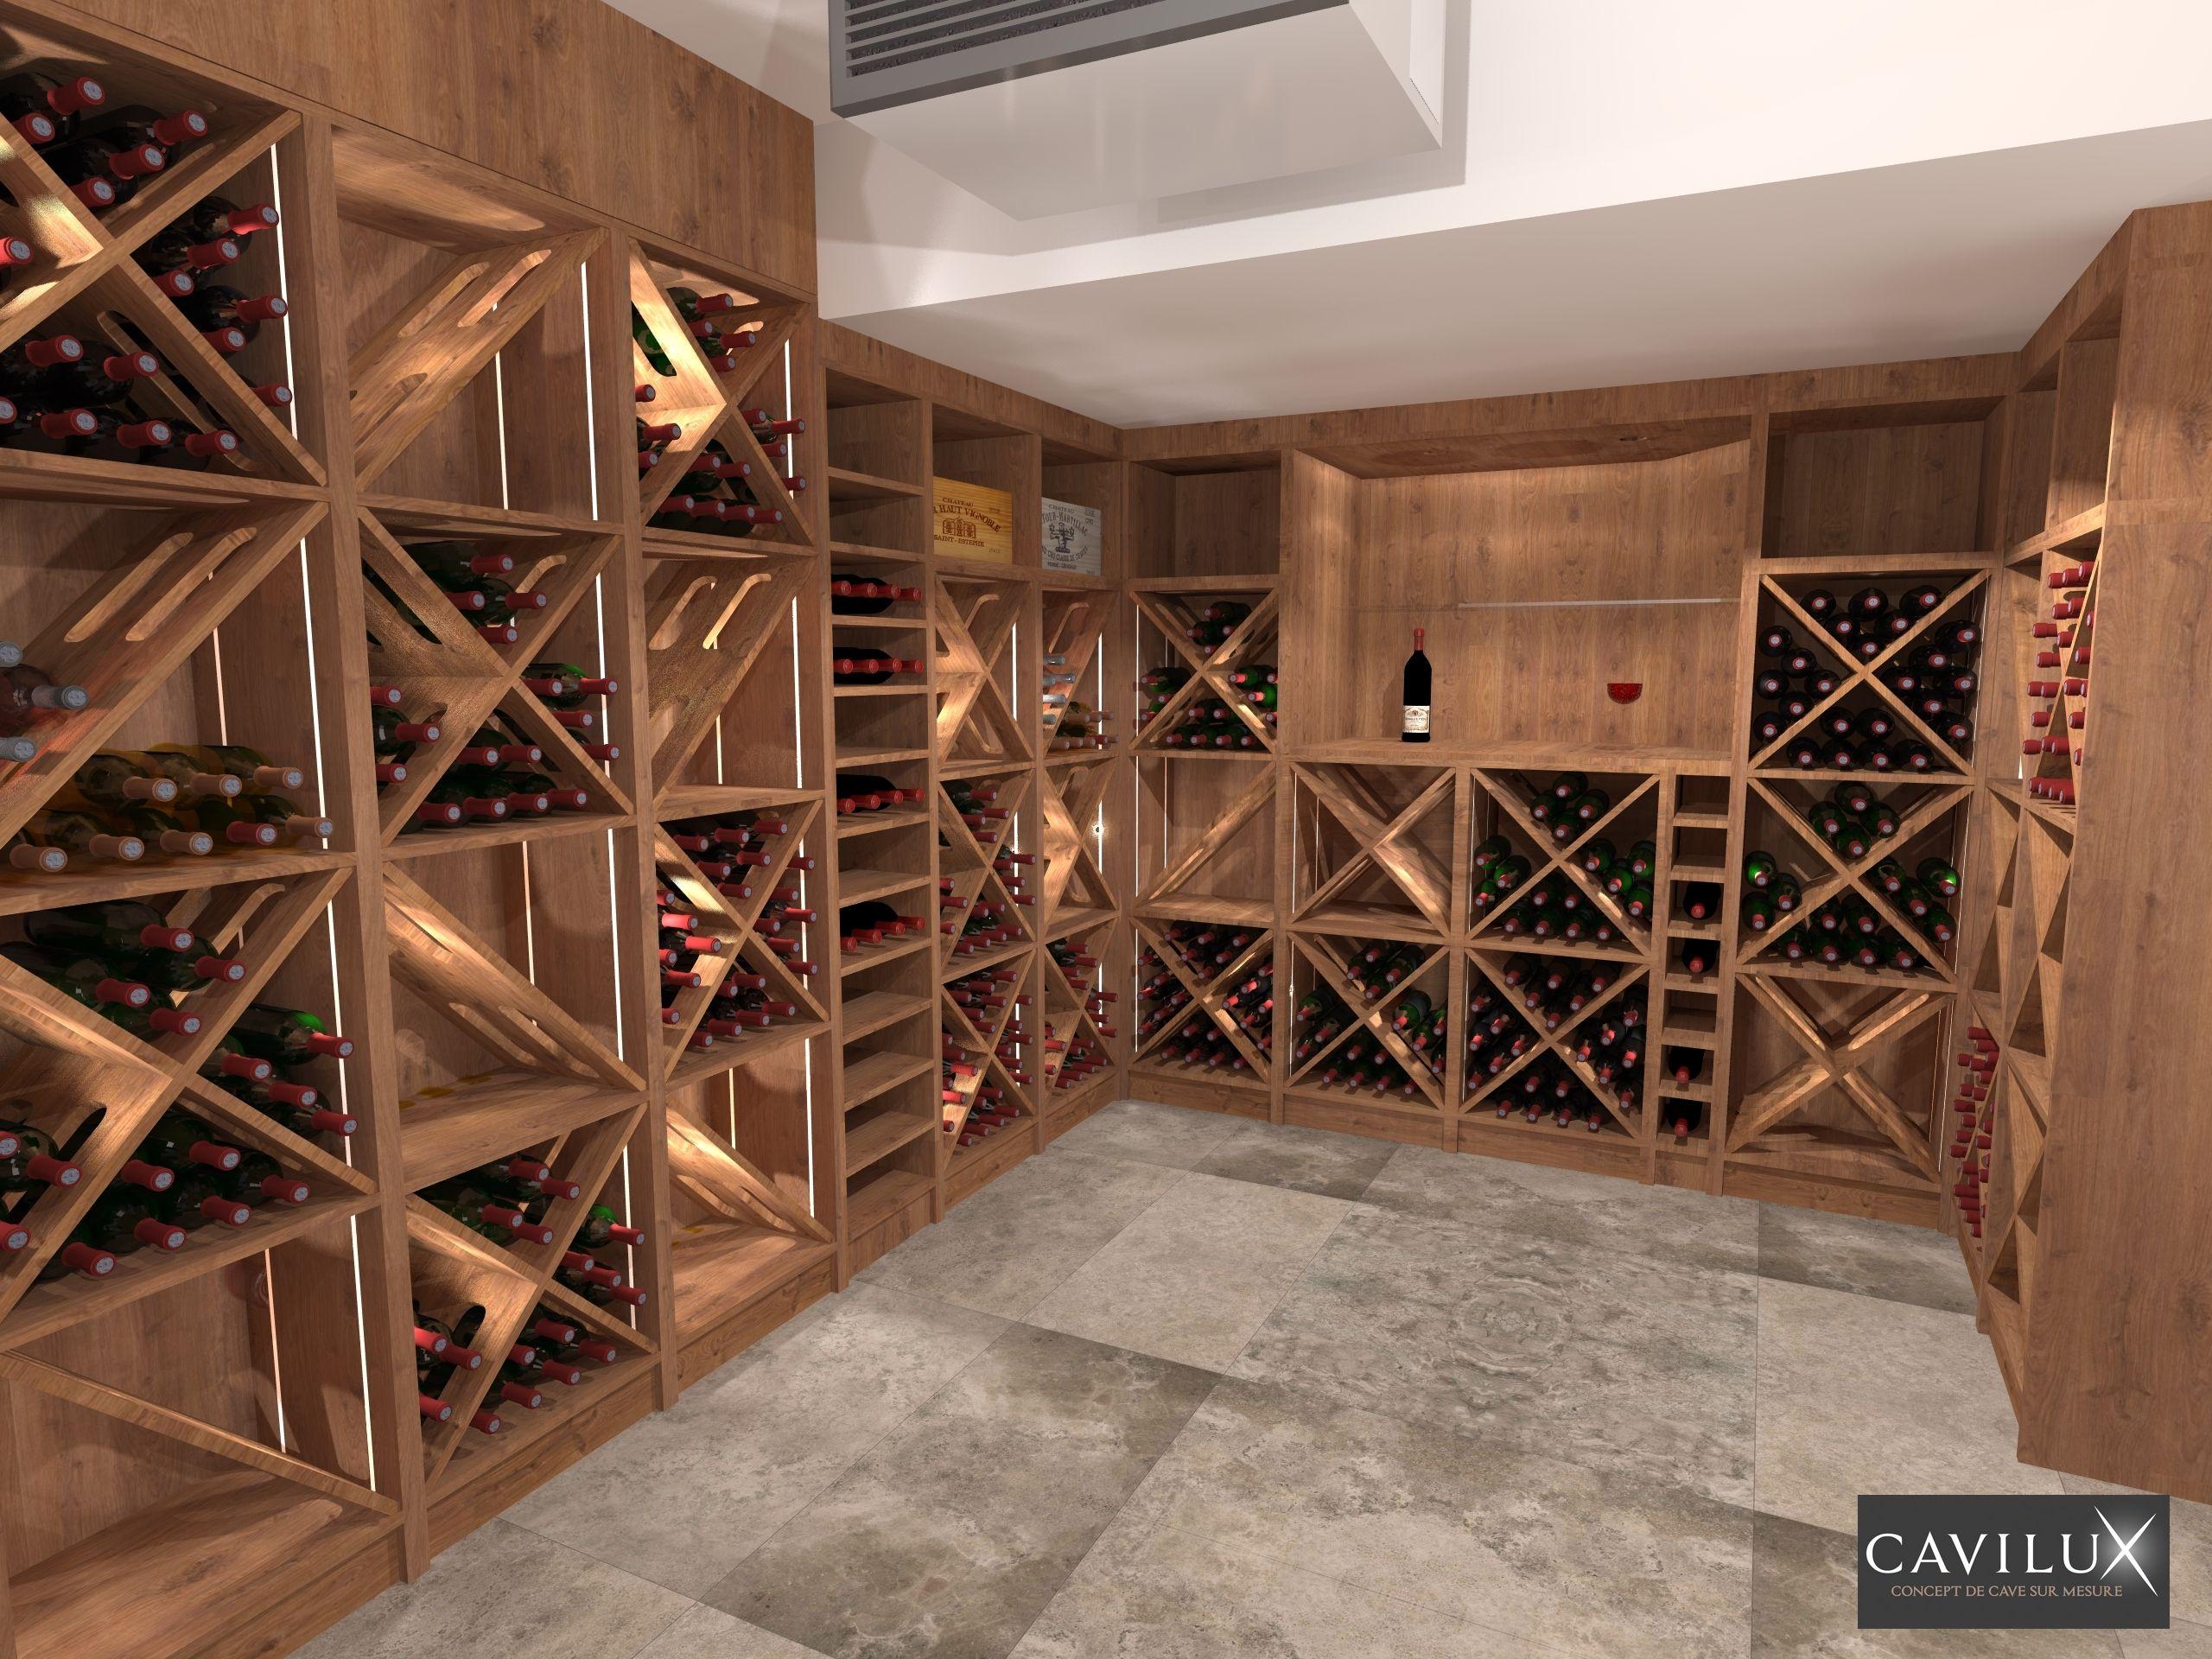 Projets 3D   Cavilux, Fabricant De Cave à Vin Sur Mesure